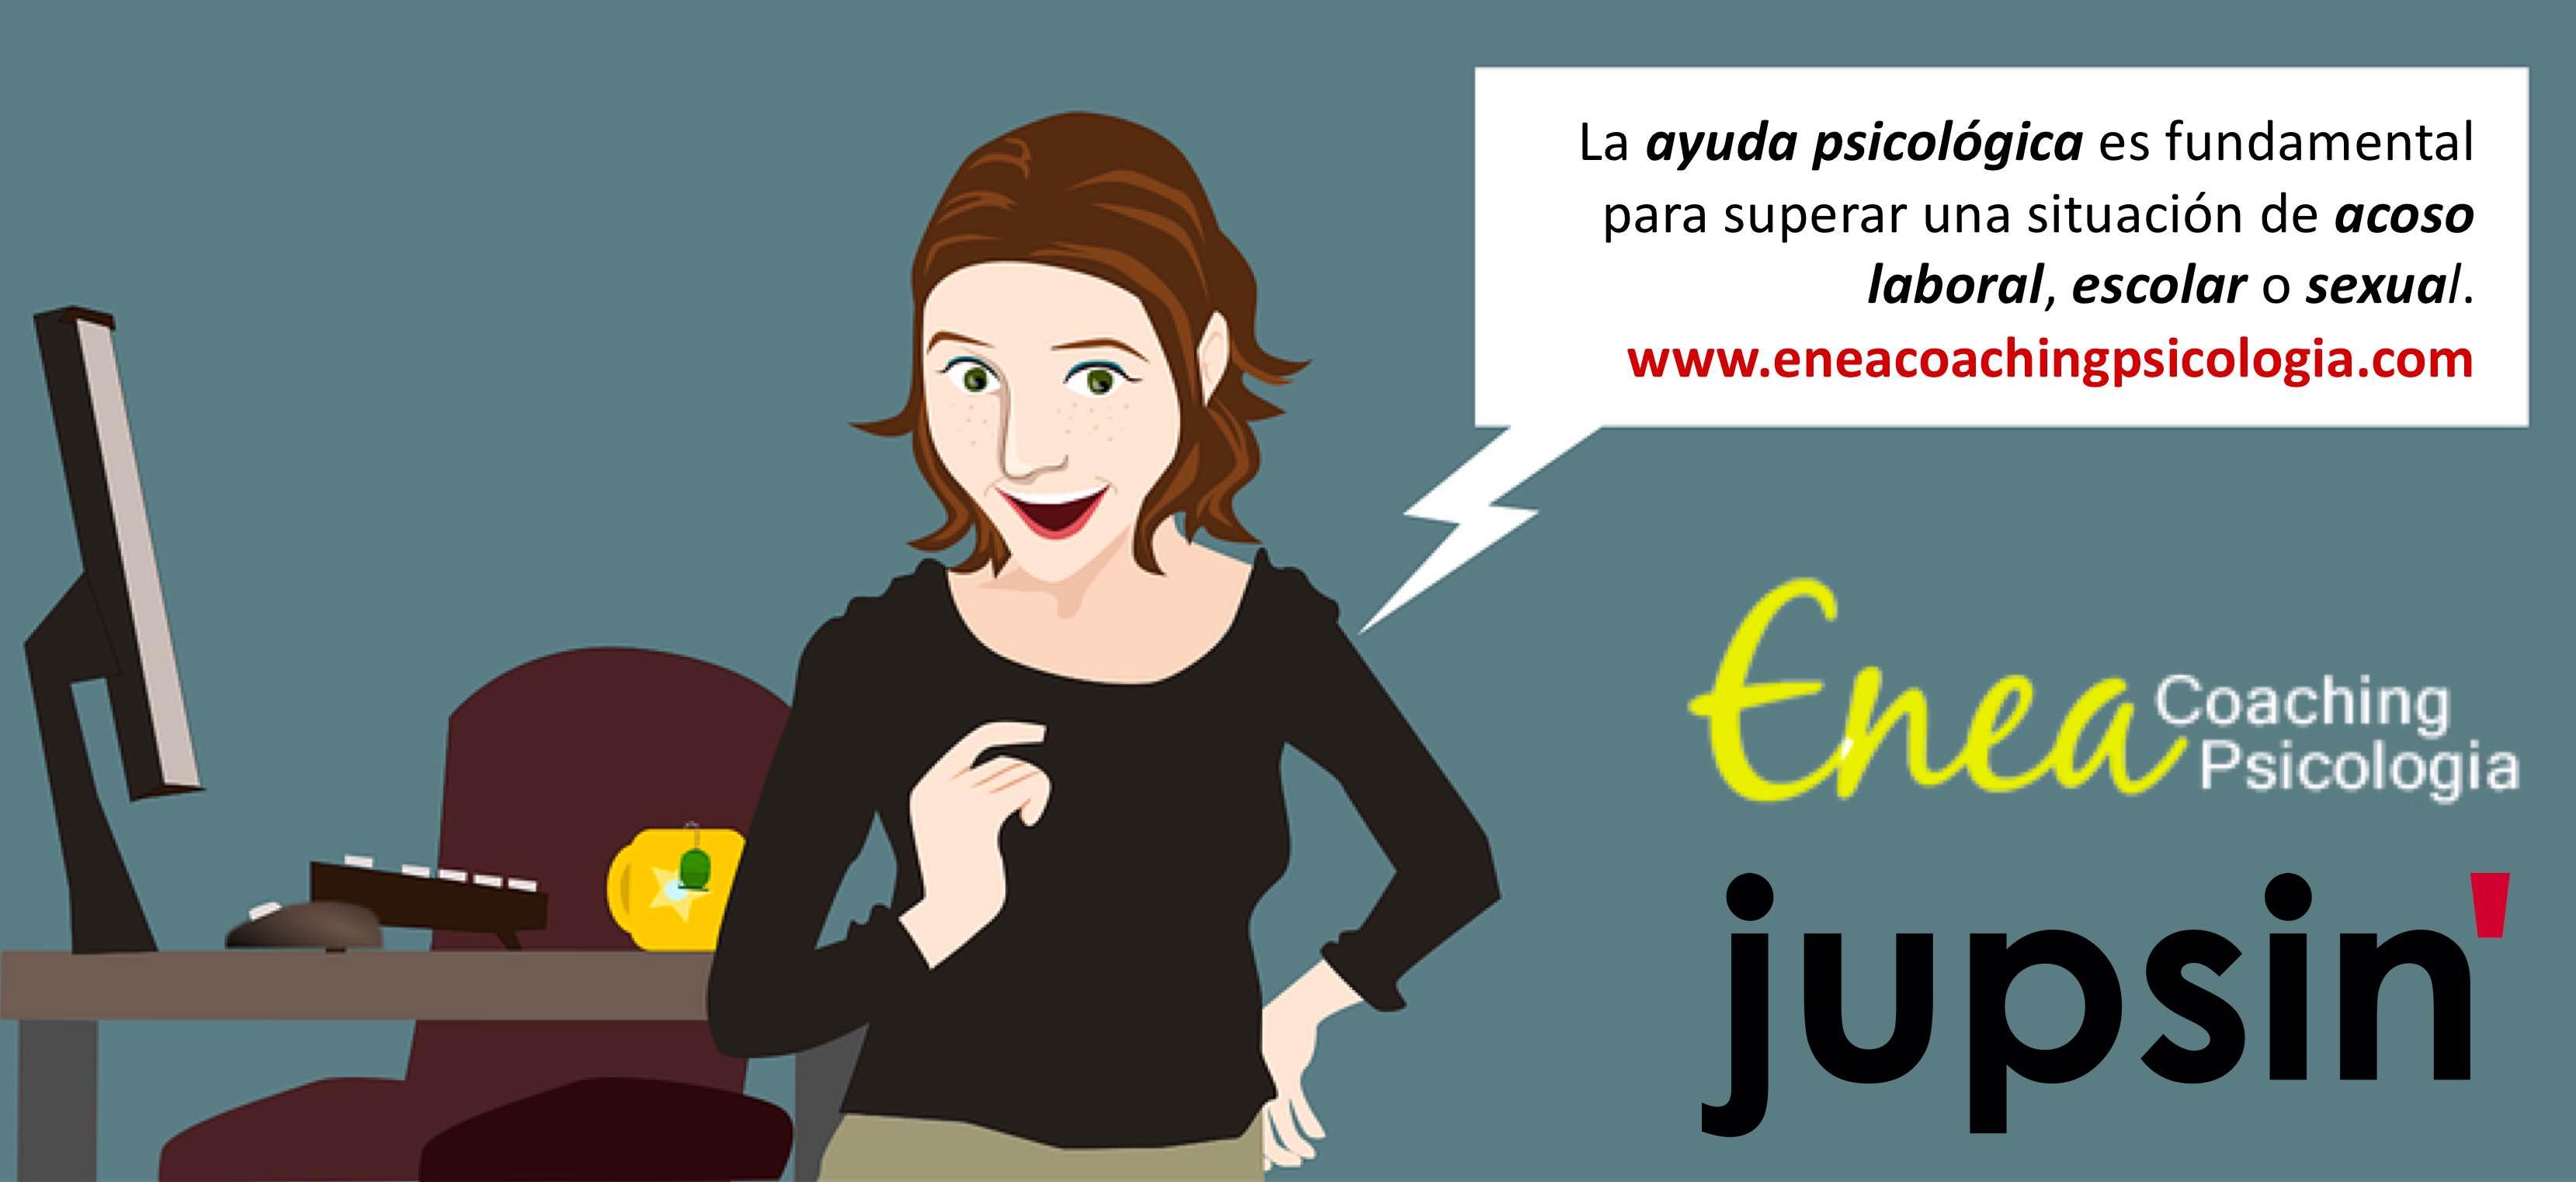 Enea Coaching Psicología, Elena Rubio, jupsin.com